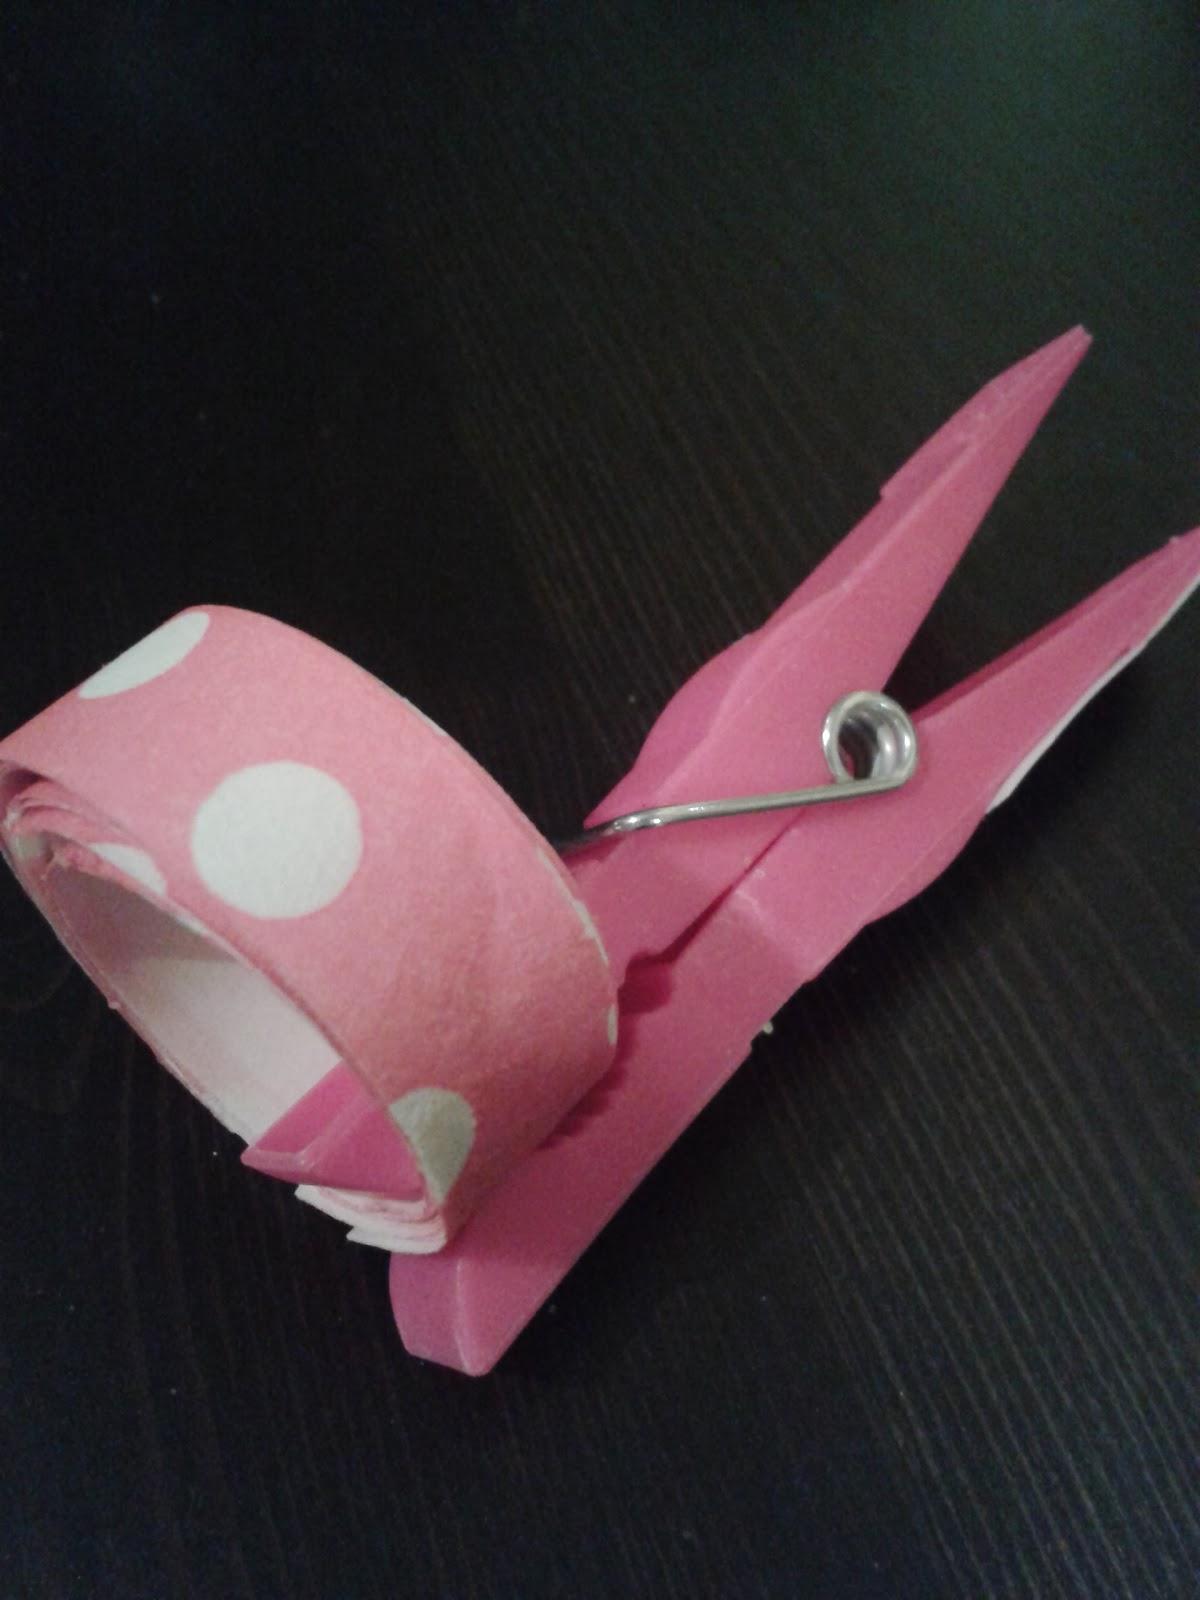 50b05 20140111 180451 - DIY | Washi tape (tutorial)